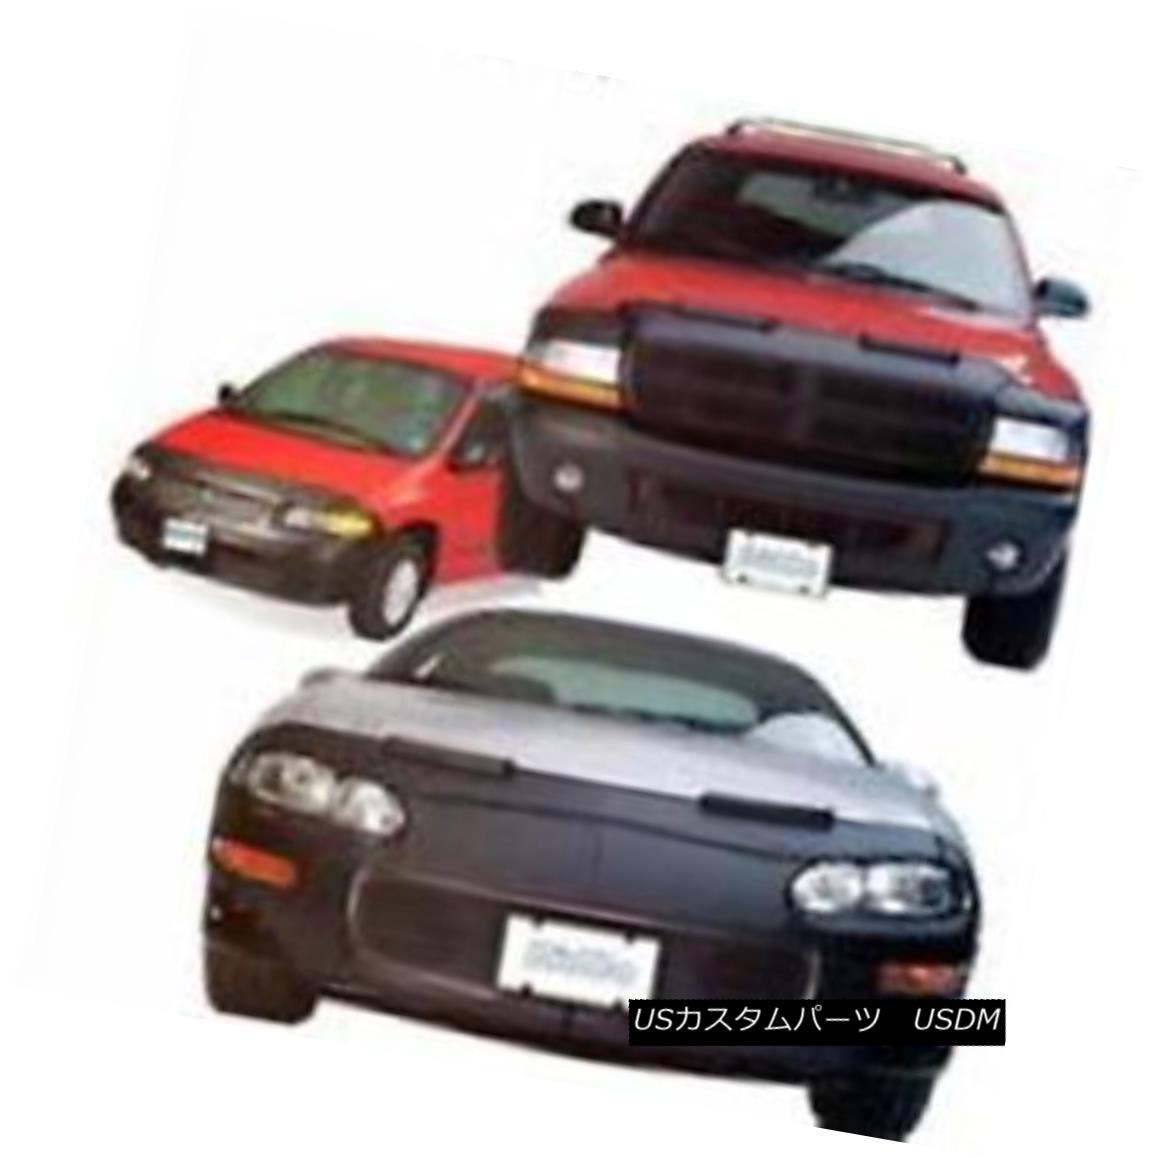 フルブラ ノーズブラ Lebra Front End Mask Cover Bra Fits SATURN SC1 1995-1996 & SL2 & SW2 1993-1995 LebraフロントエンドマスクカバーブラはSATURN SC1 1995-1996& SL2& SW2 1993-1995